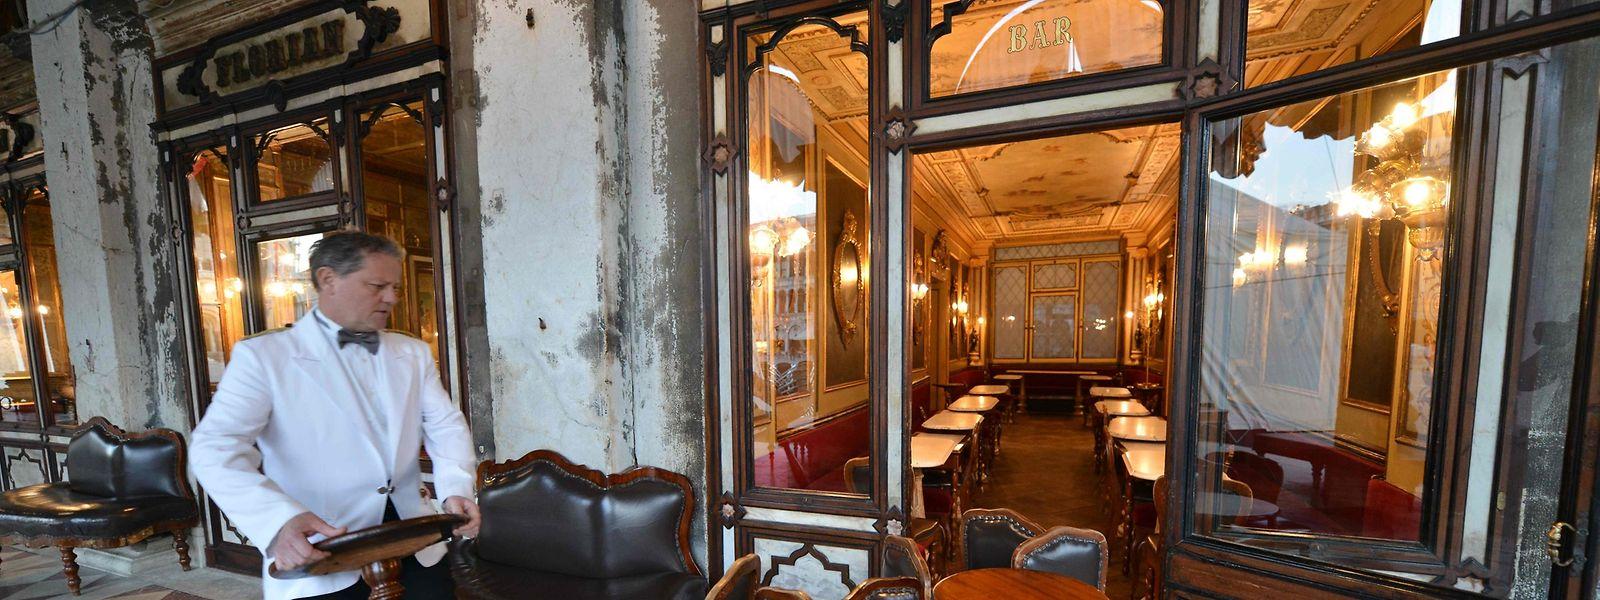 Den Cafés in der Touristenmetropole Venedig brechen die Einnahmen weg.